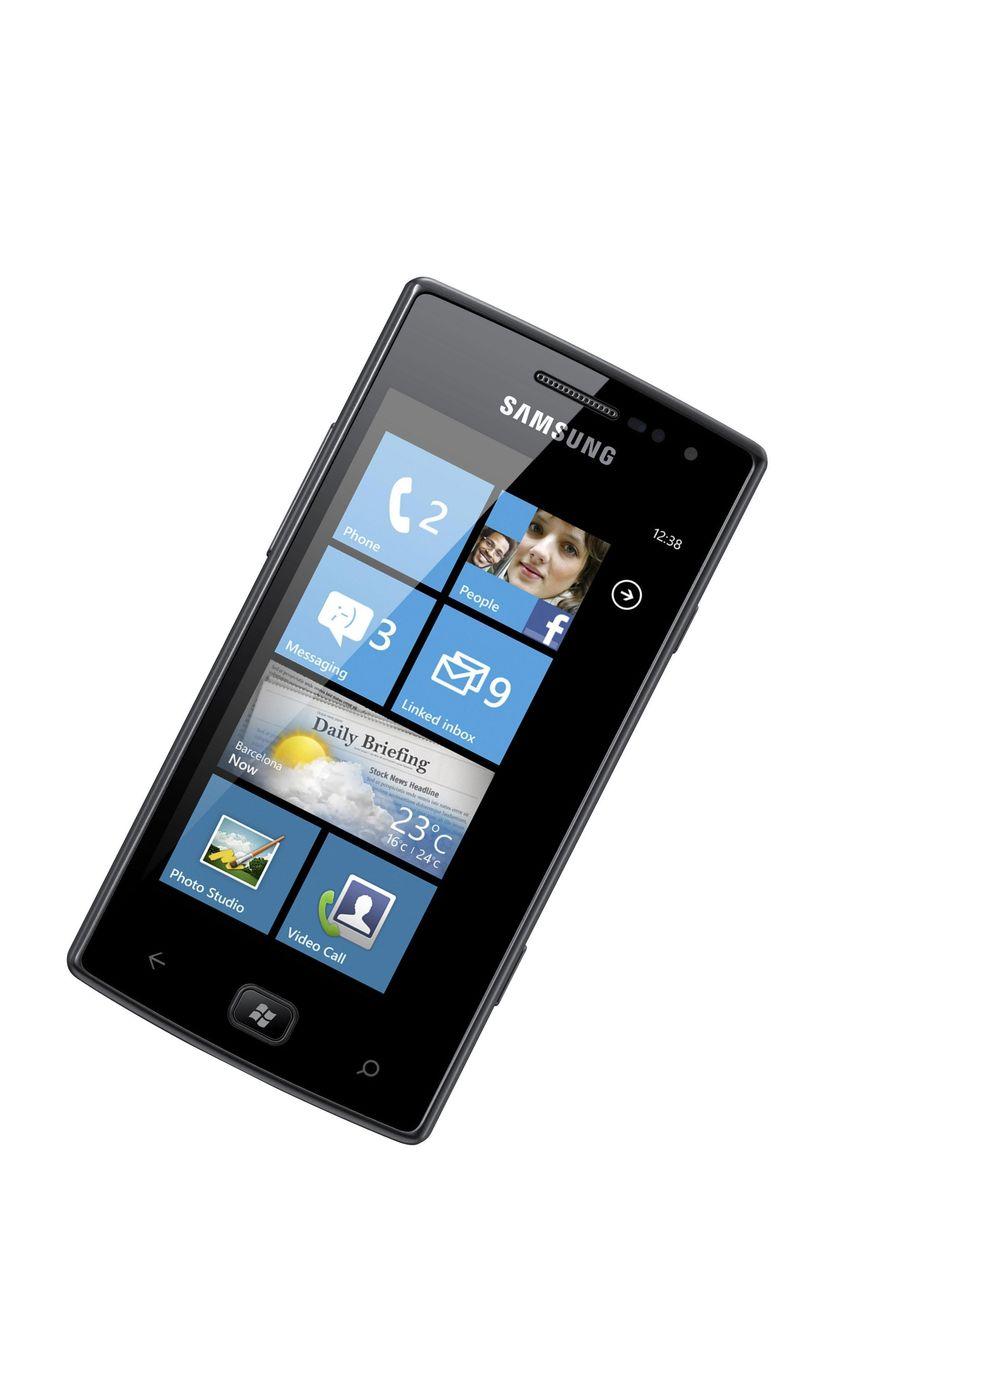 Slik blir Samsungs WP8-mobiler